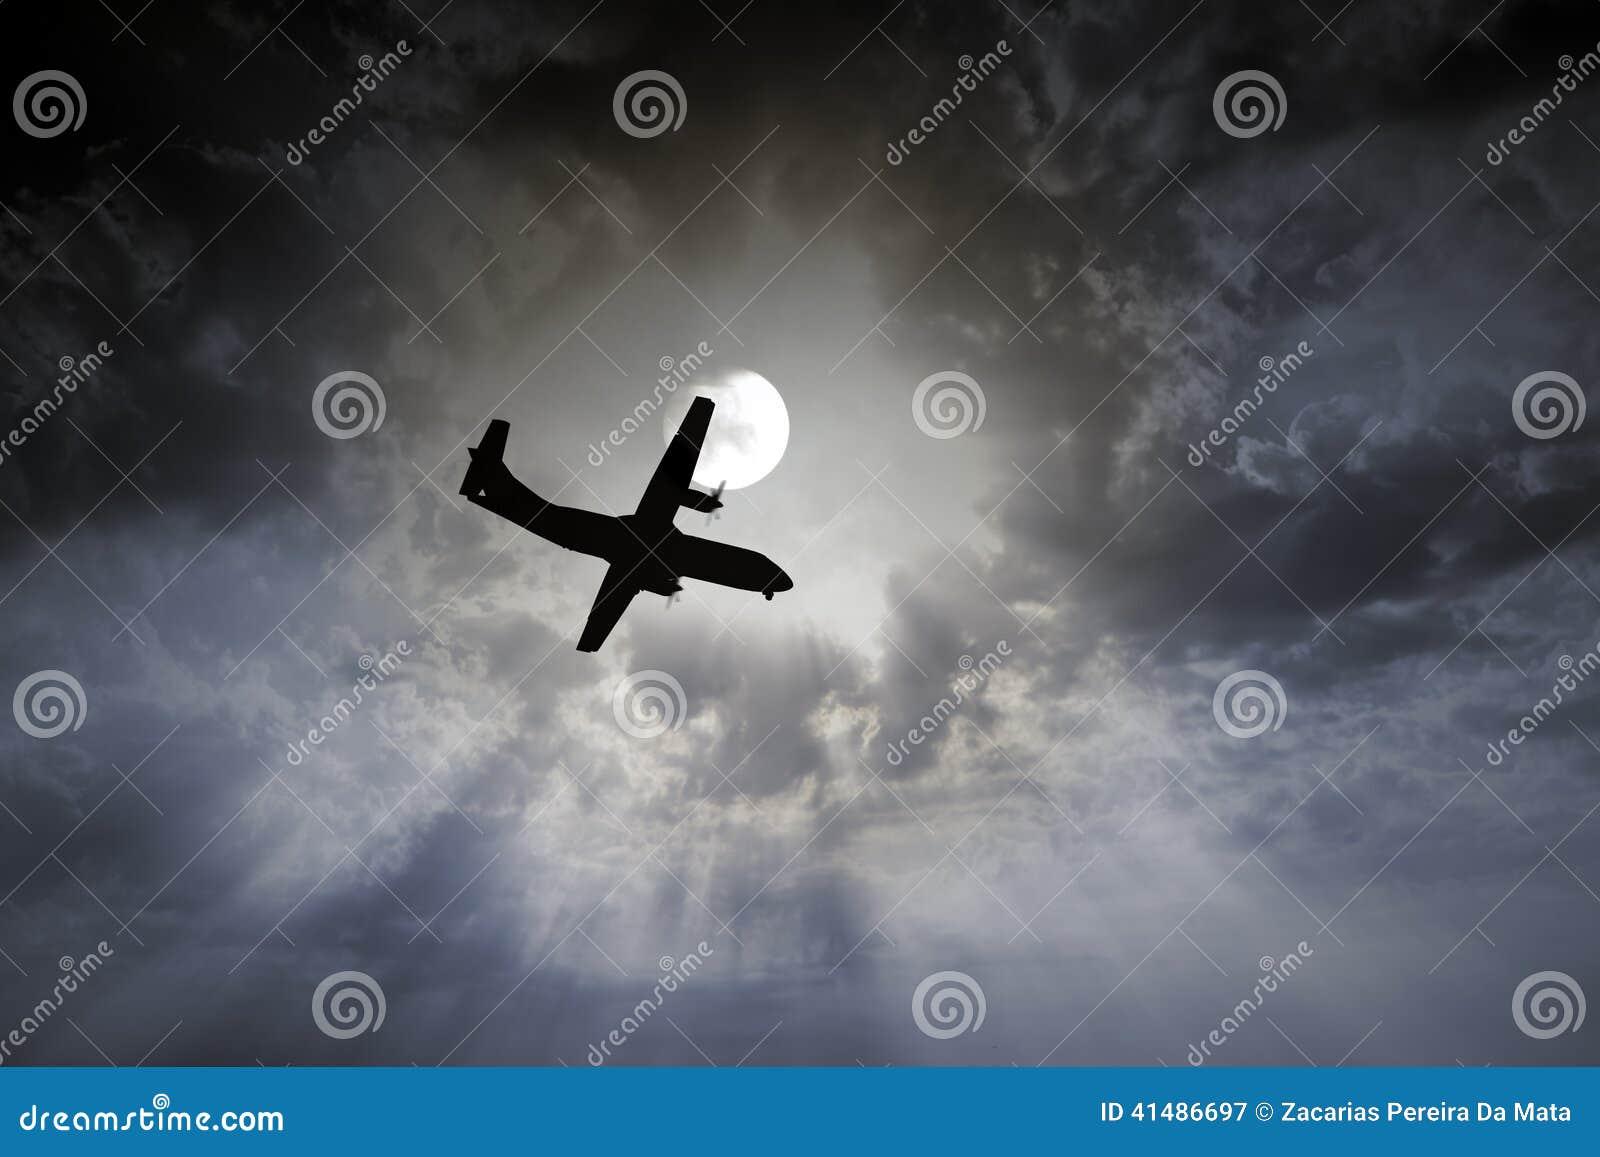 飞机夜间飞行 库存照片